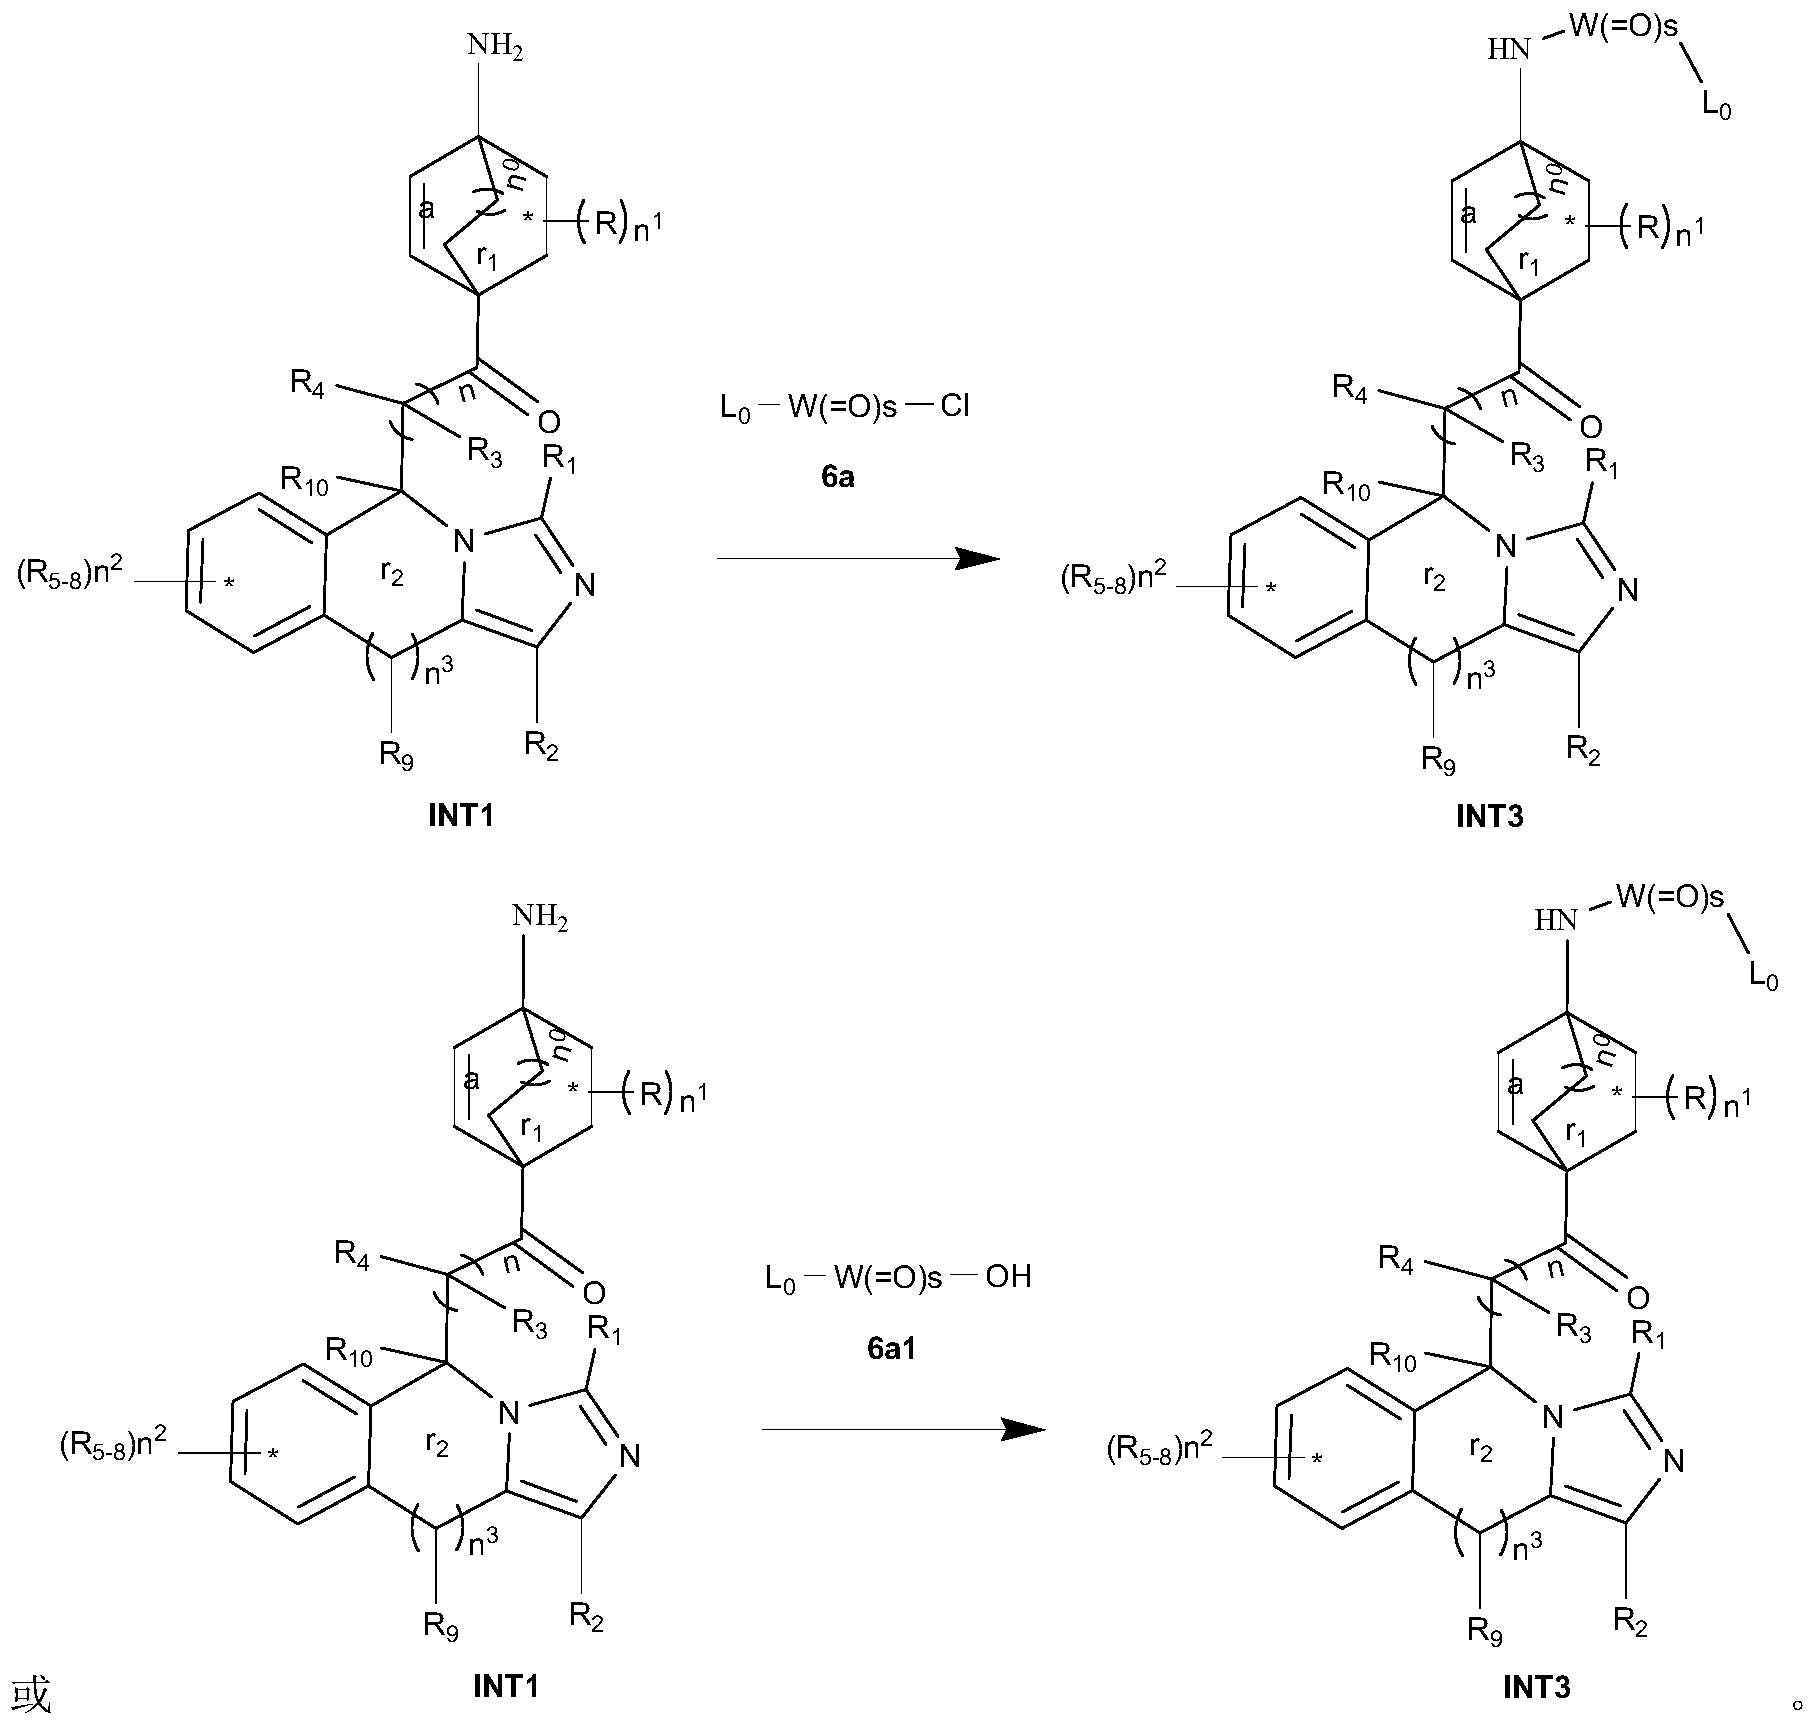 Figure PCTCN2017084604-appb-000067